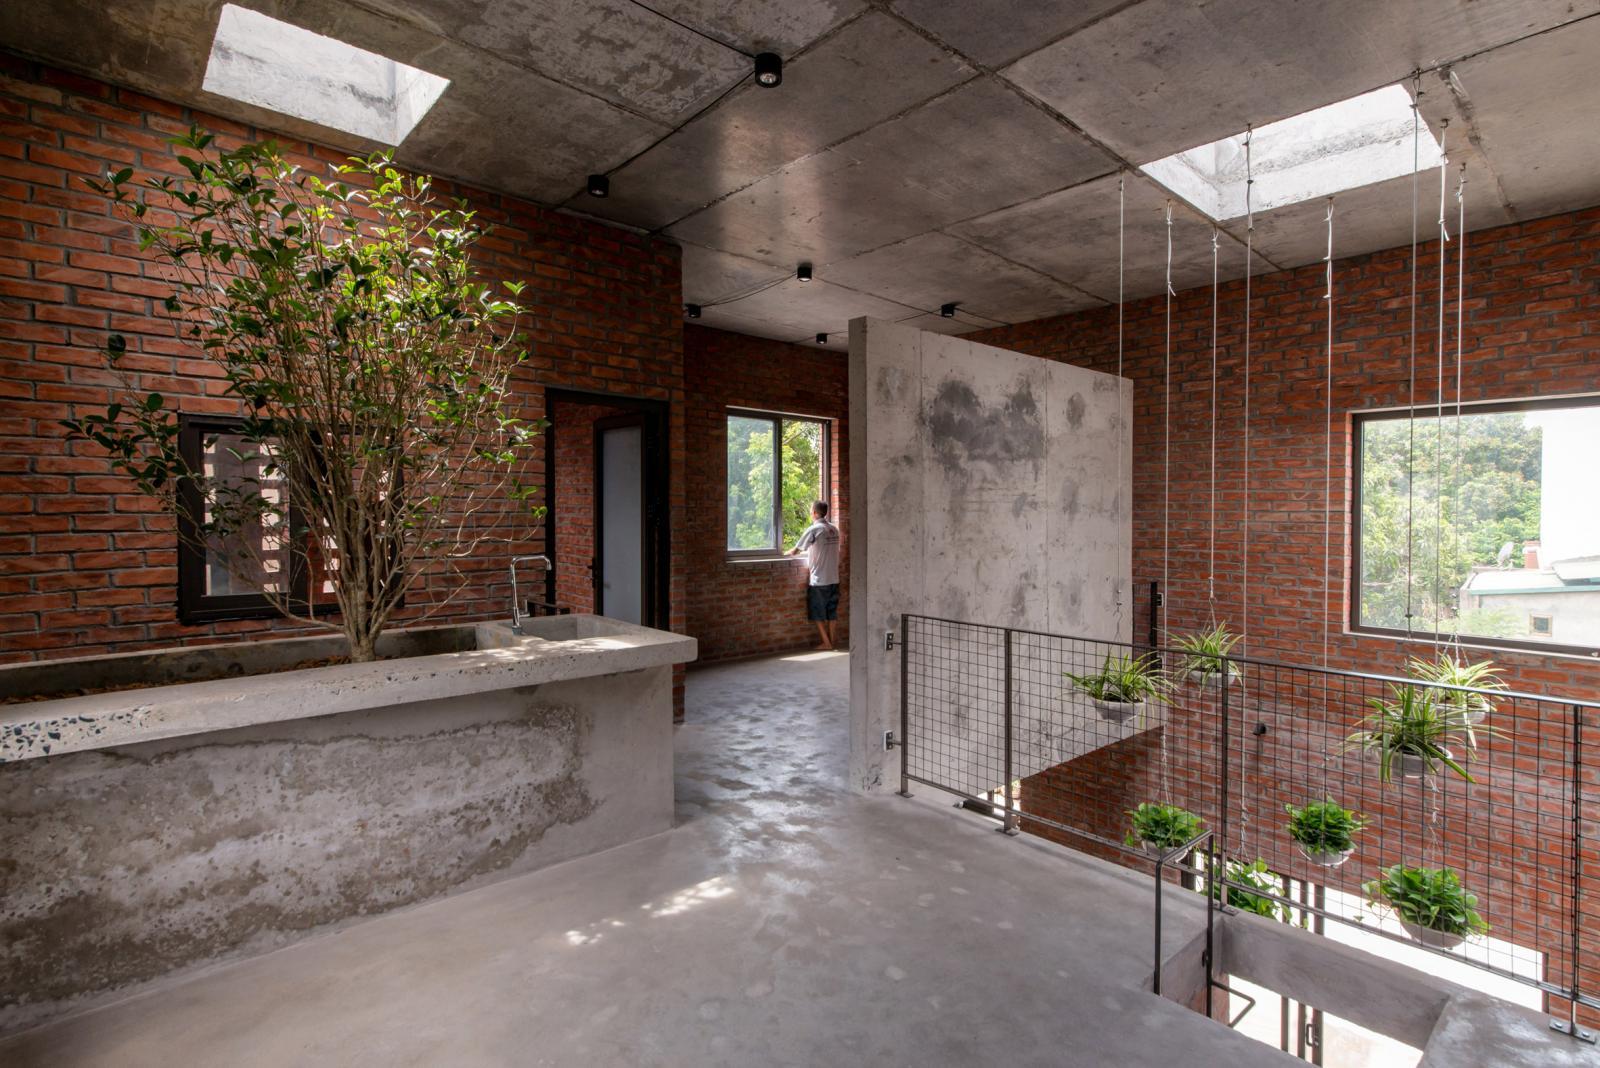 hình ảnh bên trong ngôi nhà gạch với tường gạch, bê tông thô xám, ô lấy sáng và thông gió, cây xanh tạo điểm nhấn